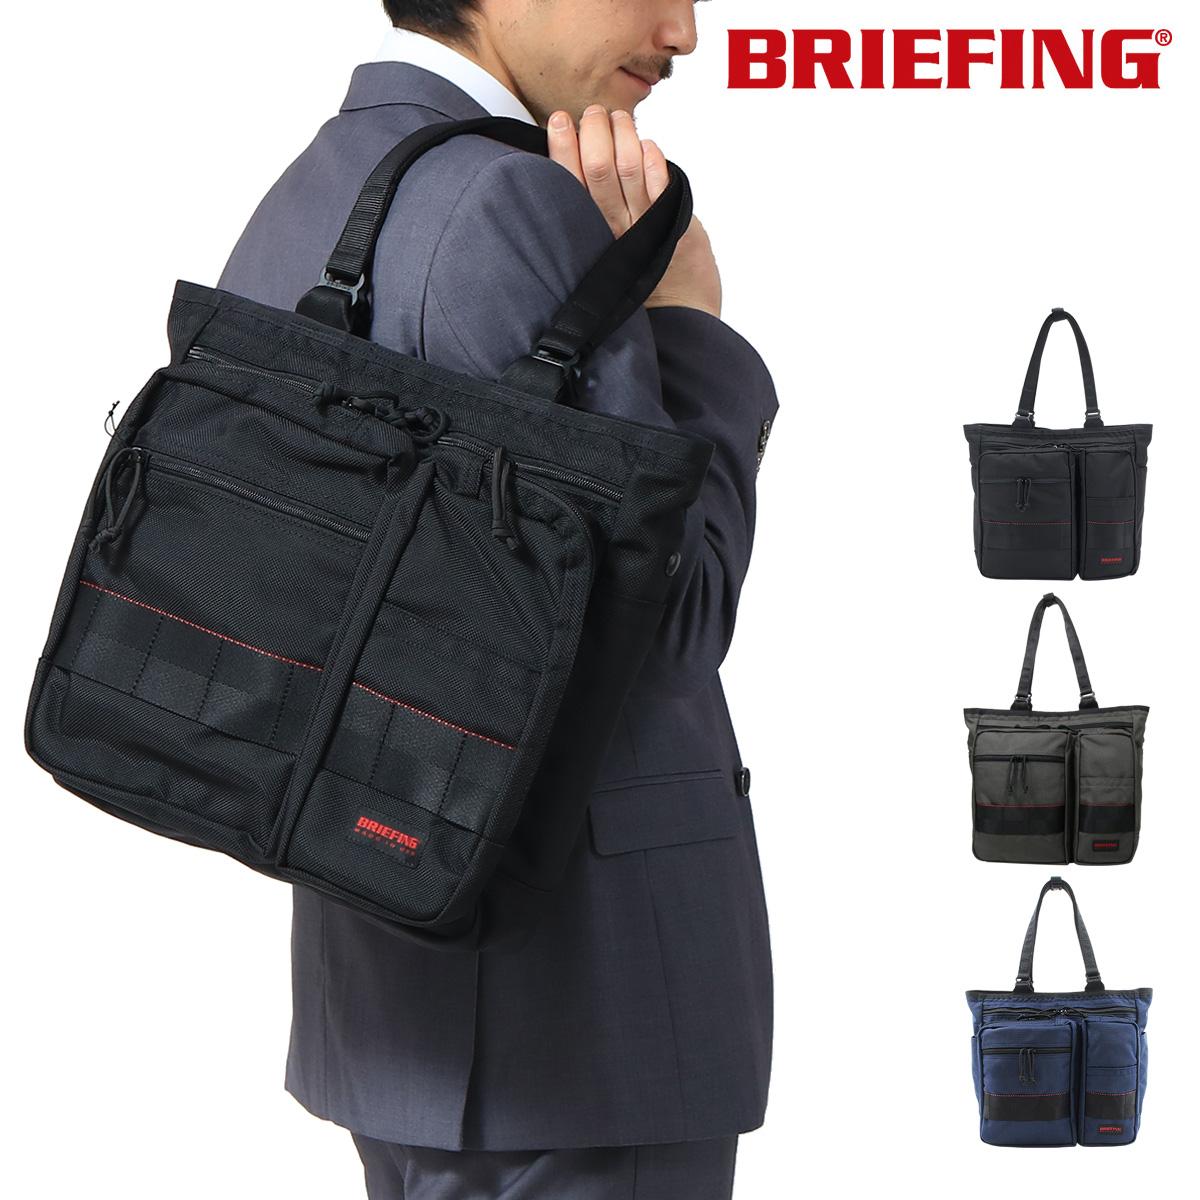 ブリーフィング トートバッグ USA BRF300219 BRIEFING BS TOTE TALL 縦長 トート ビジネストート バリスティックナイロン メンズ[bef][PO10][即日発送]